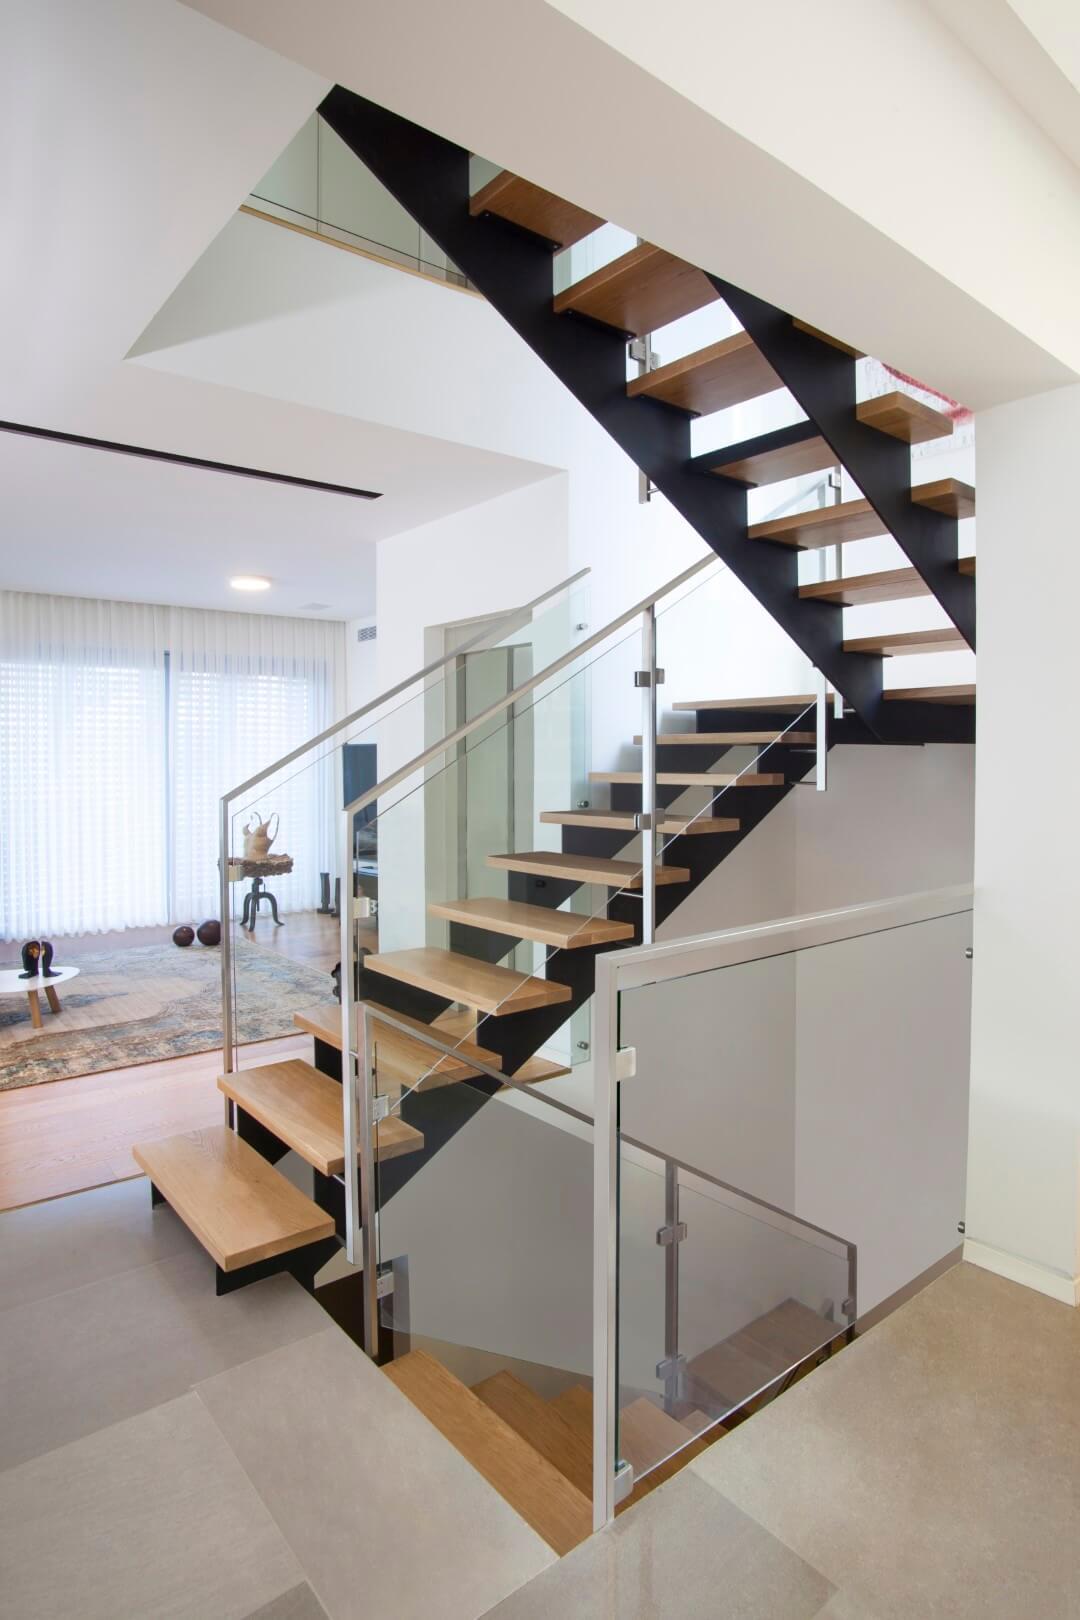 פיר המדרגות מכיל שלושה גרמי מדרגות ברזל שחור עם מדרגות עץ אלון אמריקאי ומעקה זכוכית